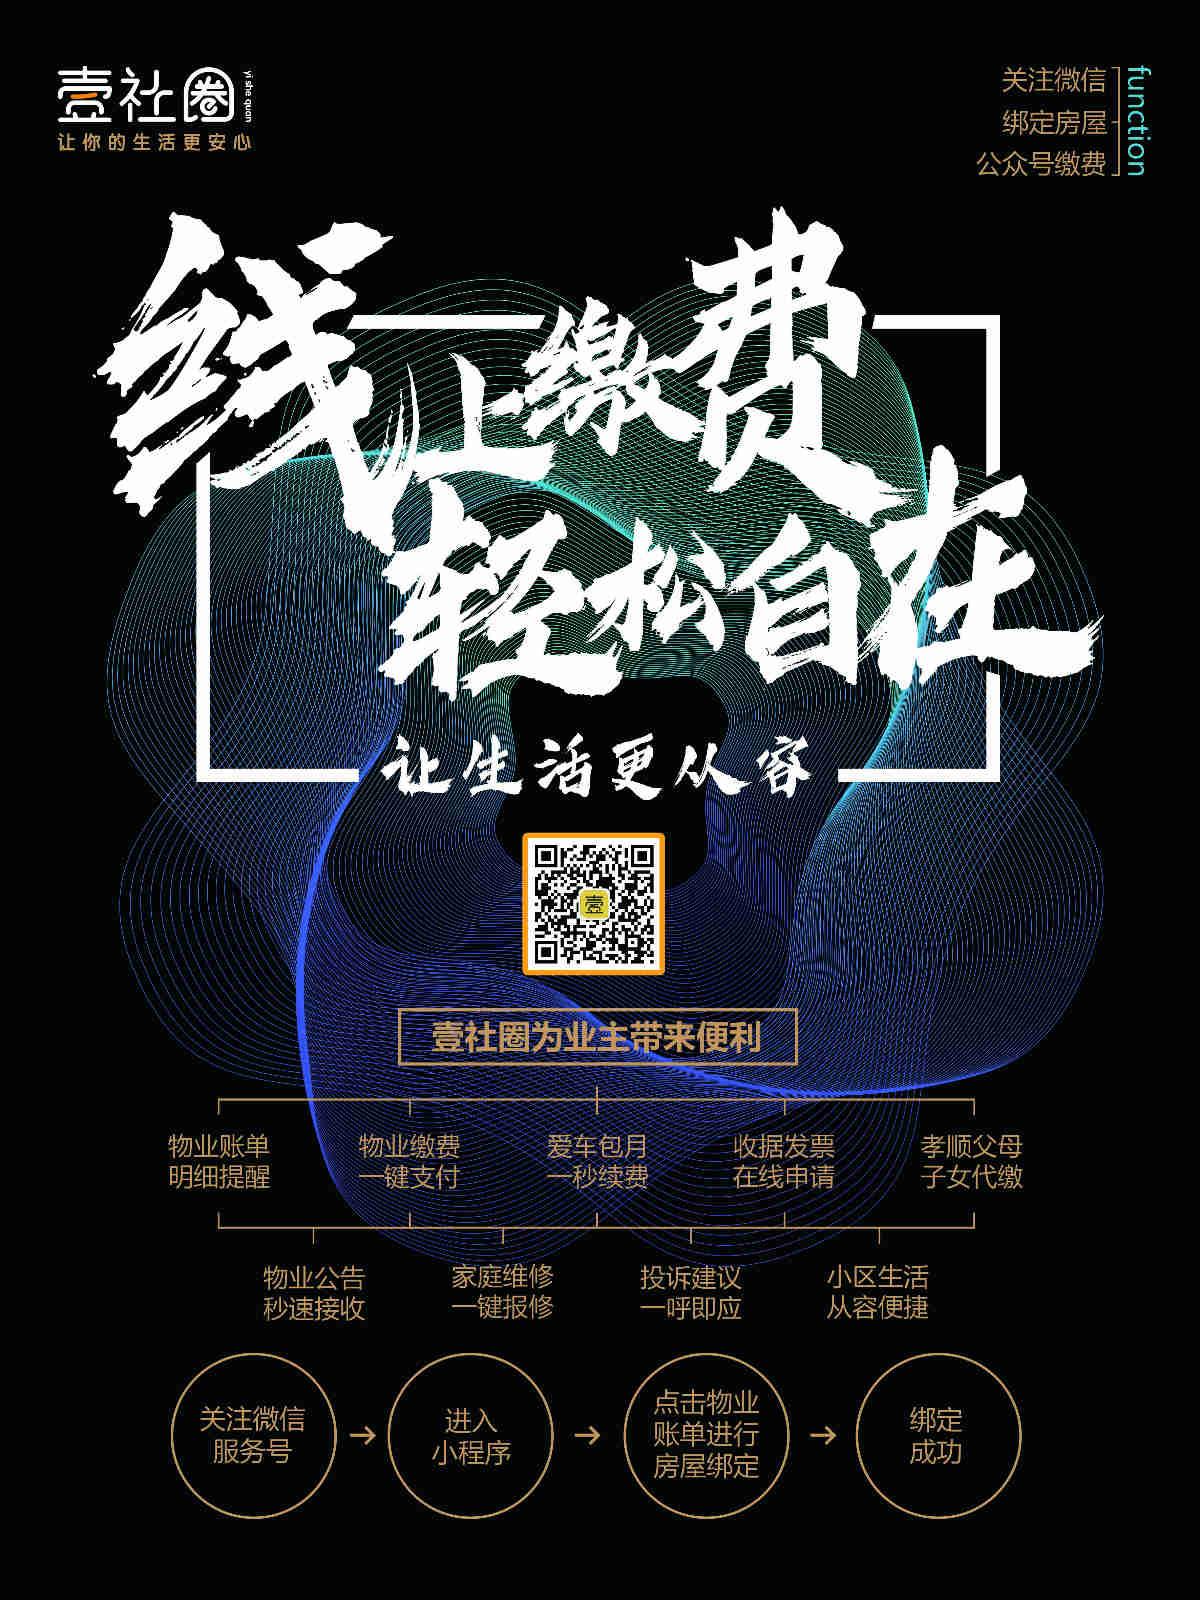 唐山市壹社圈物業管理系統-一道科技專業提供微信繳費物業系統軟件服務